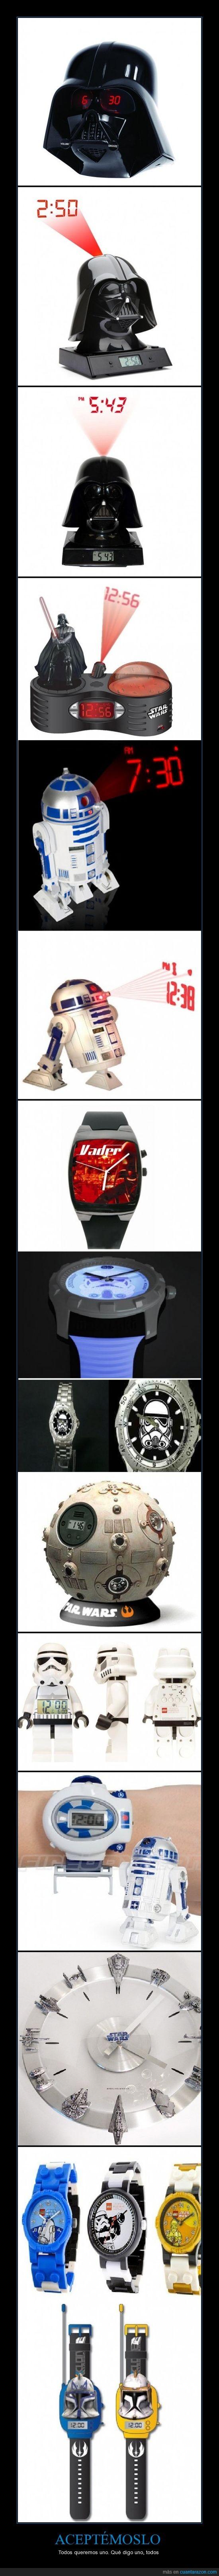 darth vader,guerra de las galaxias,halcón milenario,holograma,imperio,r2d2,reloj,star wars